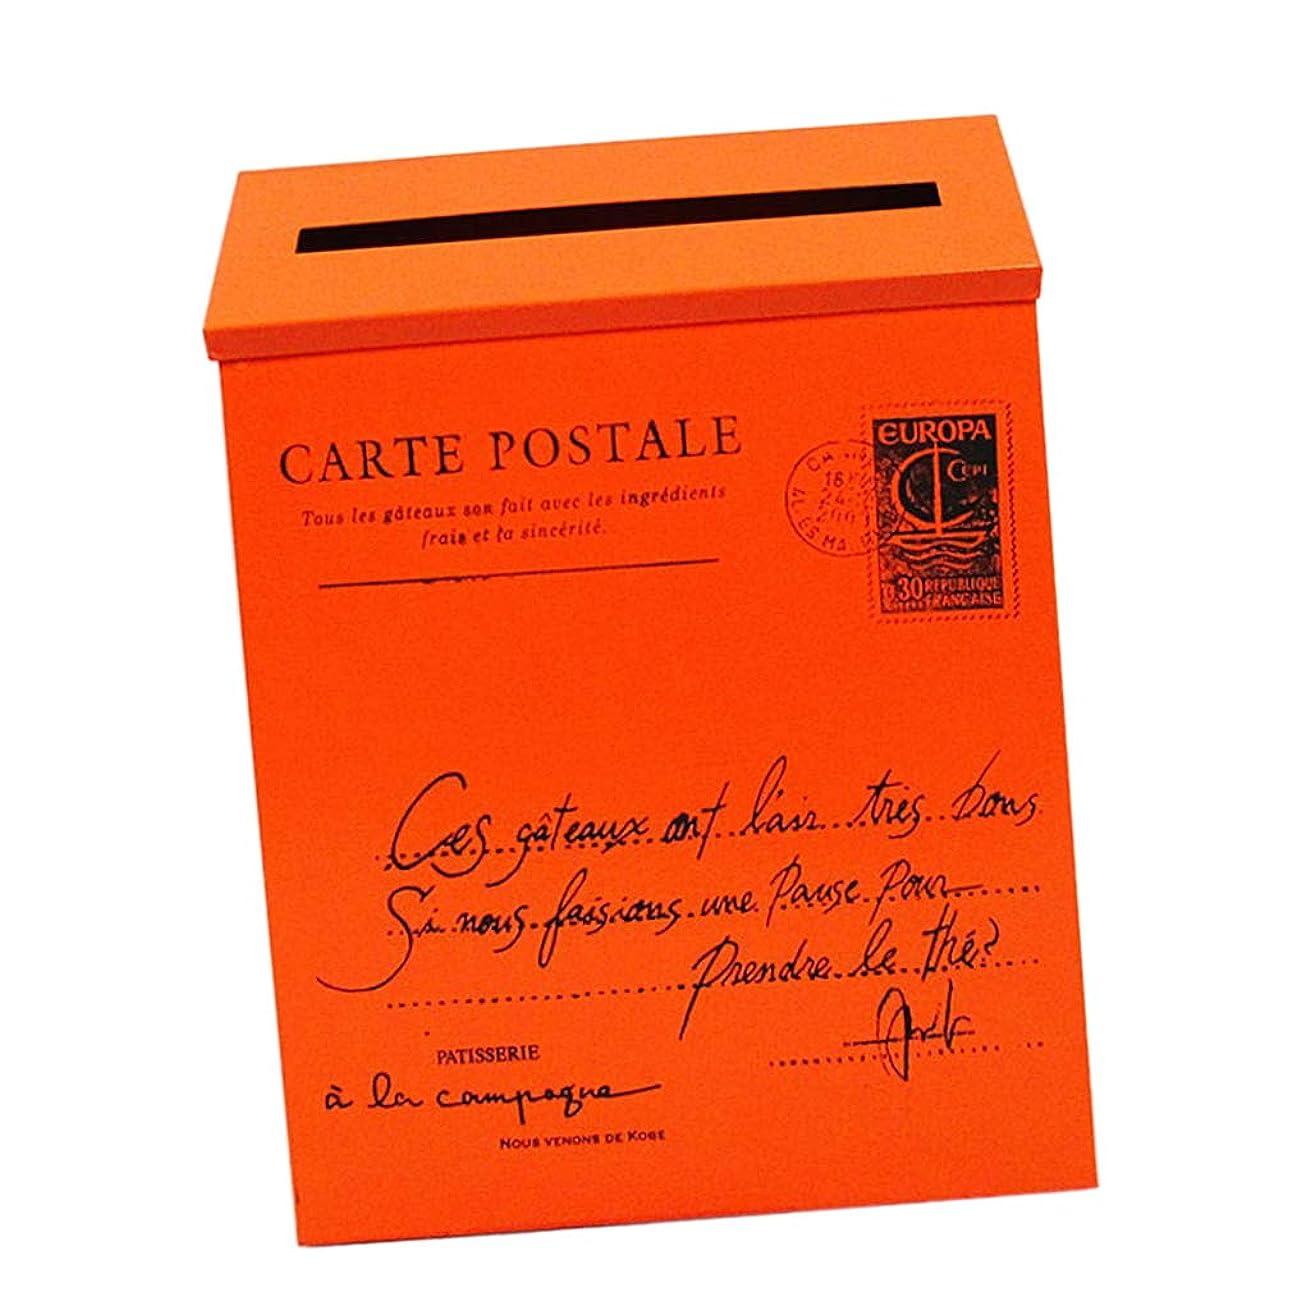 確執古い赤外線FLAMEER ヴィラ壁掛け手紙ポストボックスポストボックスレターボックスメールボックス雑誌ホルダーボックス - ホームオフィス使用 - オレンジ